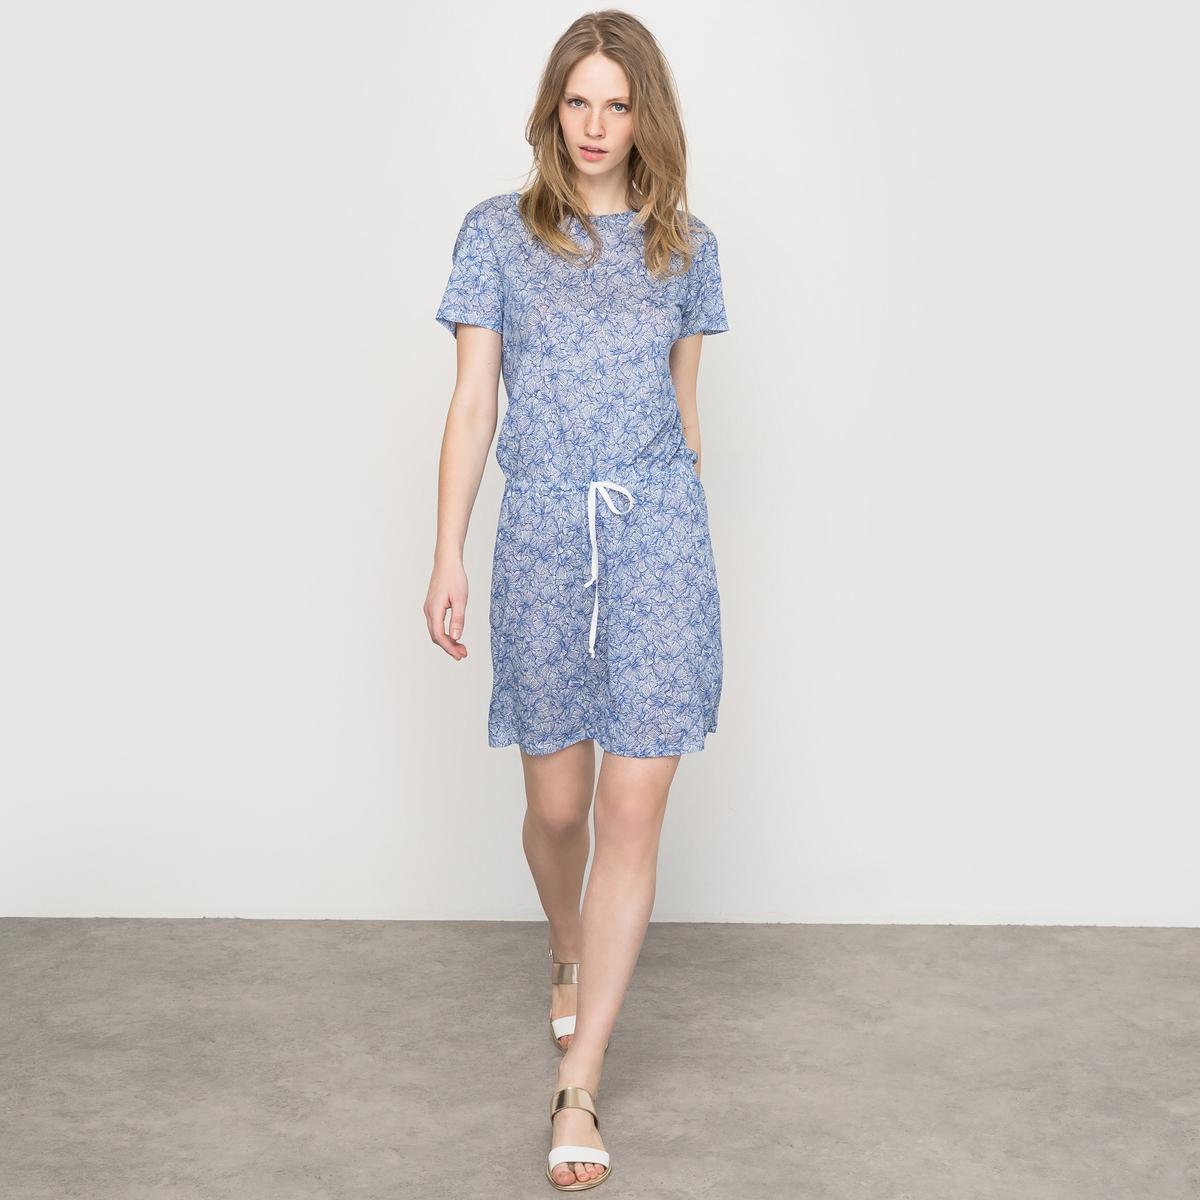 Платье льняное с рисунком, с короткими рукавами